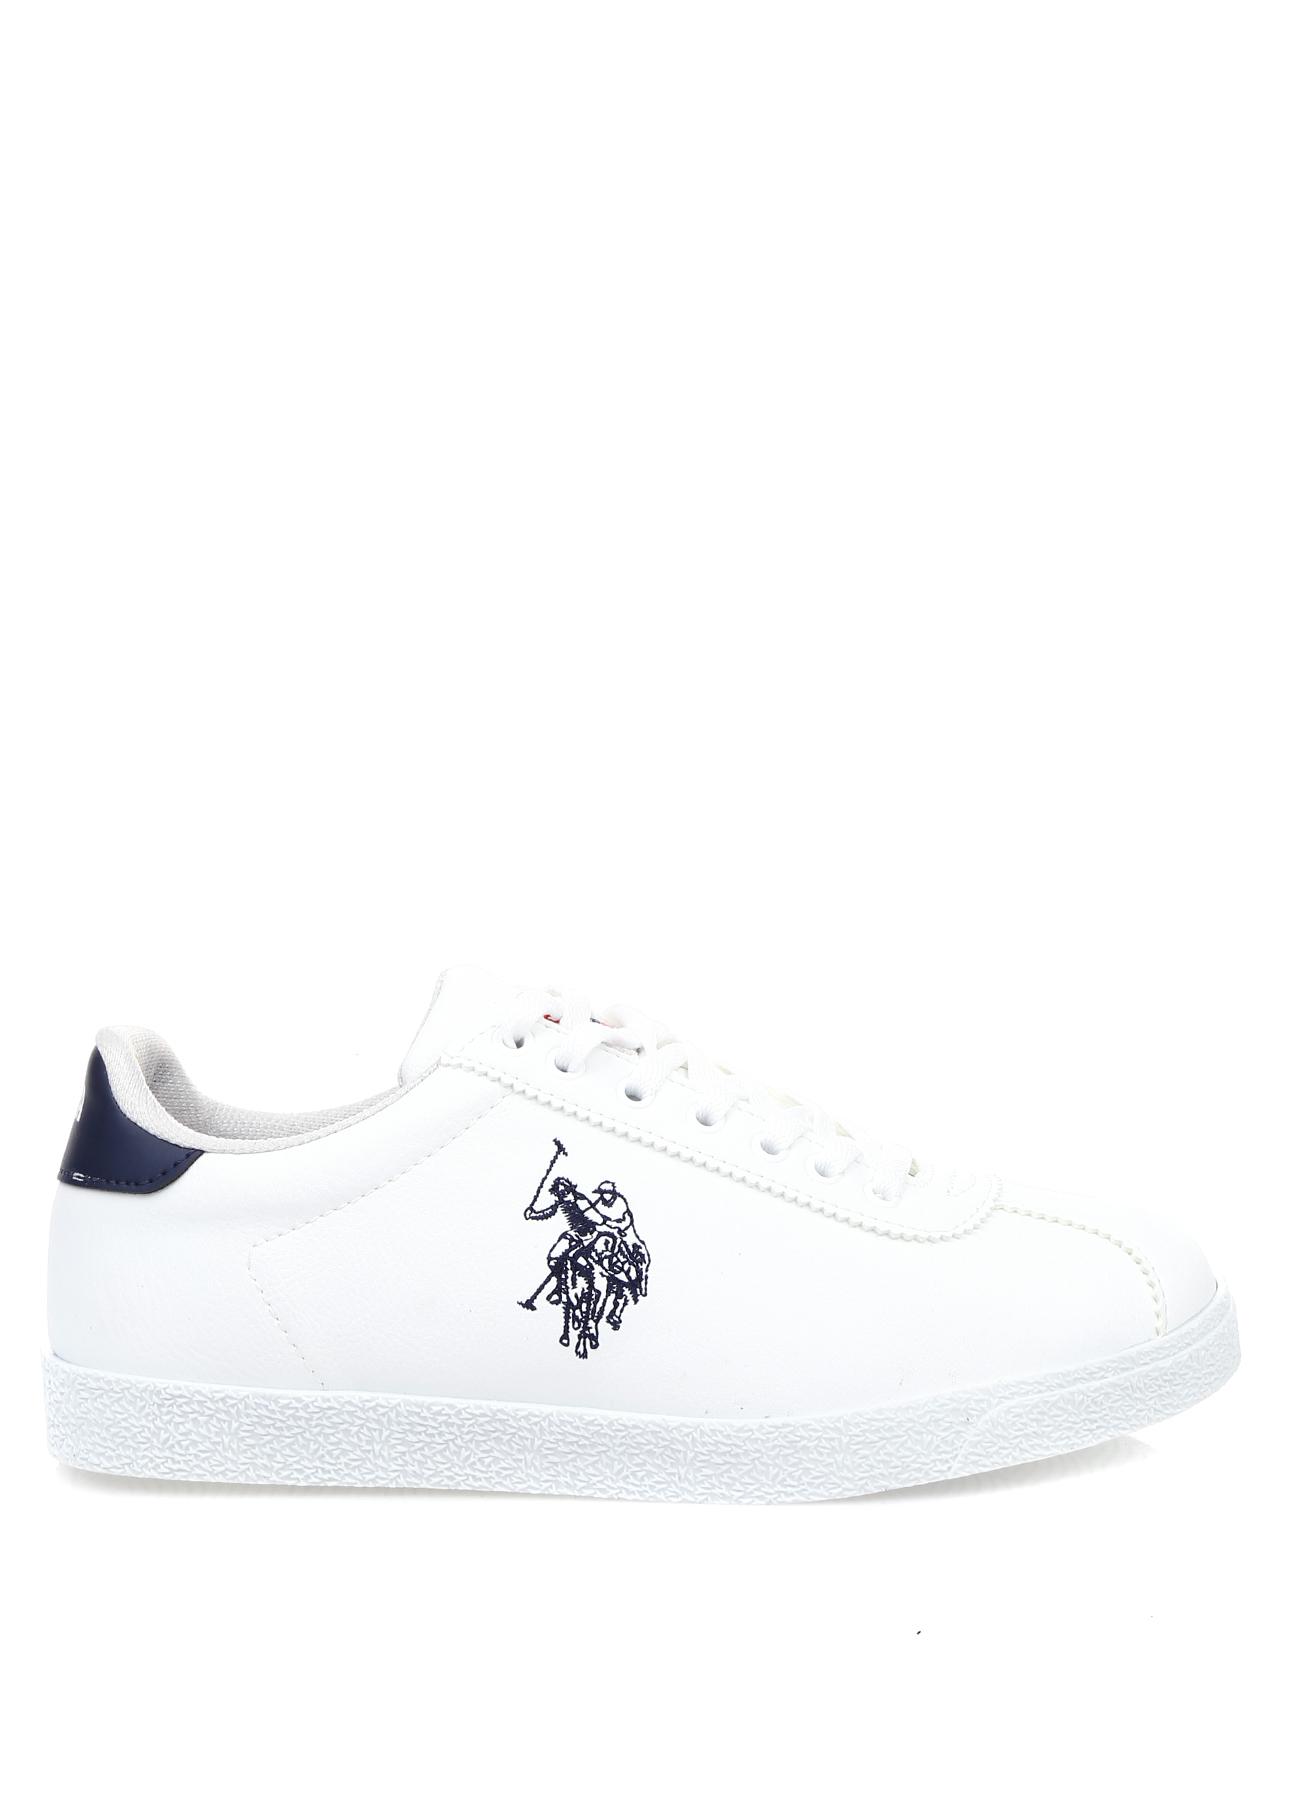 U.S. Polo Assn. Beyaz Düz Ayakkabı 39 5001977213004 Ürün Resmi